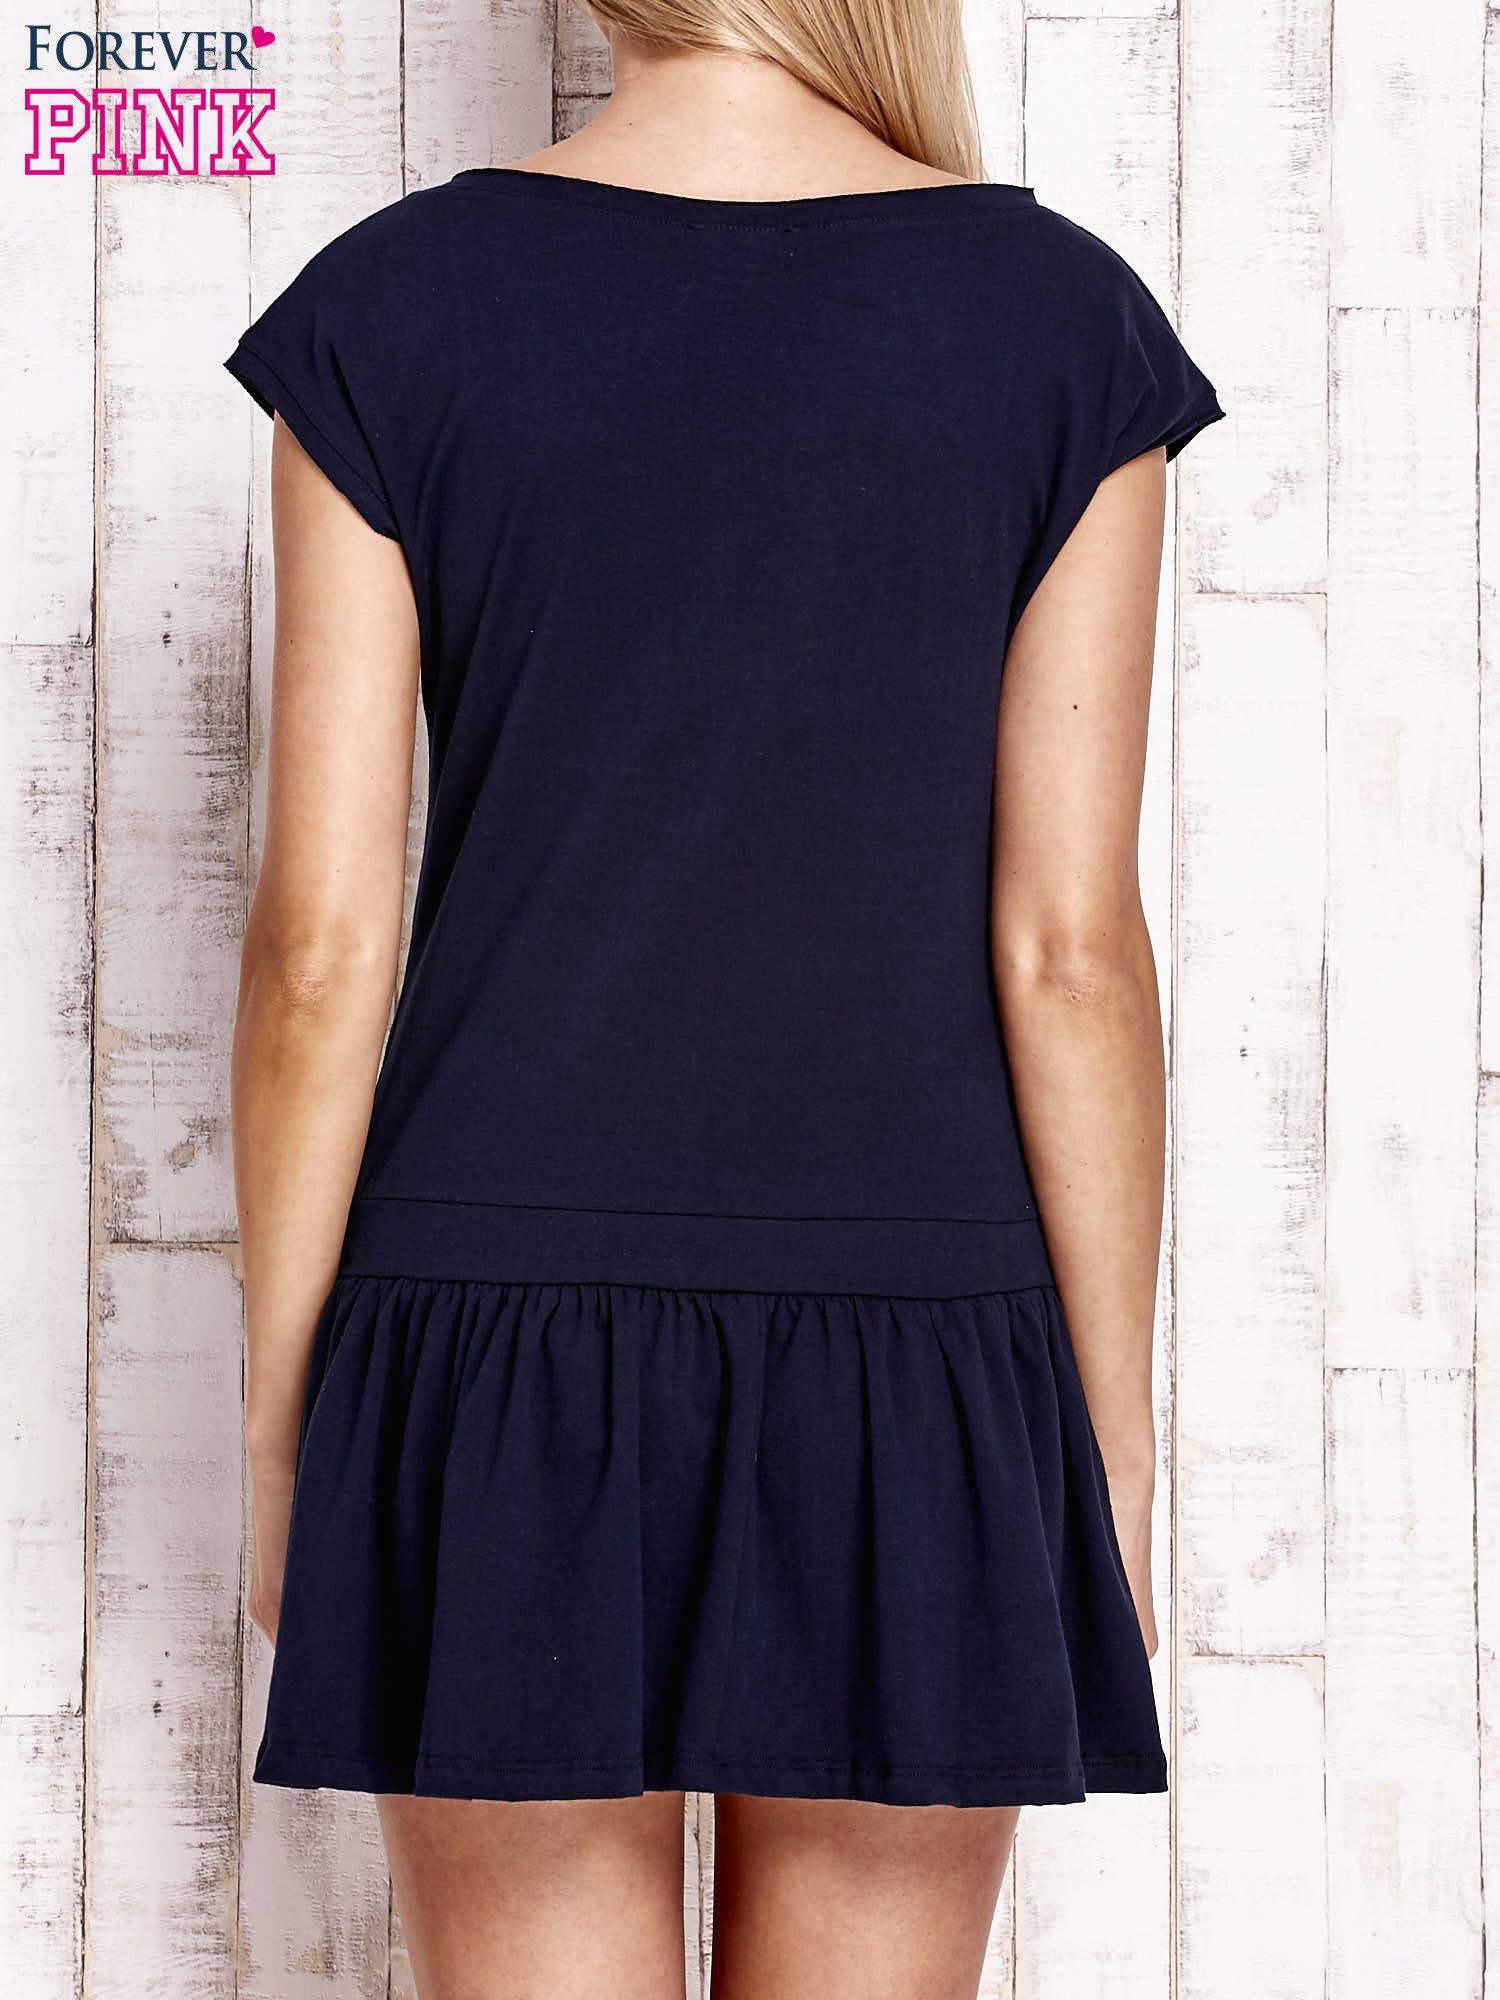 Granatowa dresowa sukienka tenisowa z aplikacją serca                                  zdj.                                  2